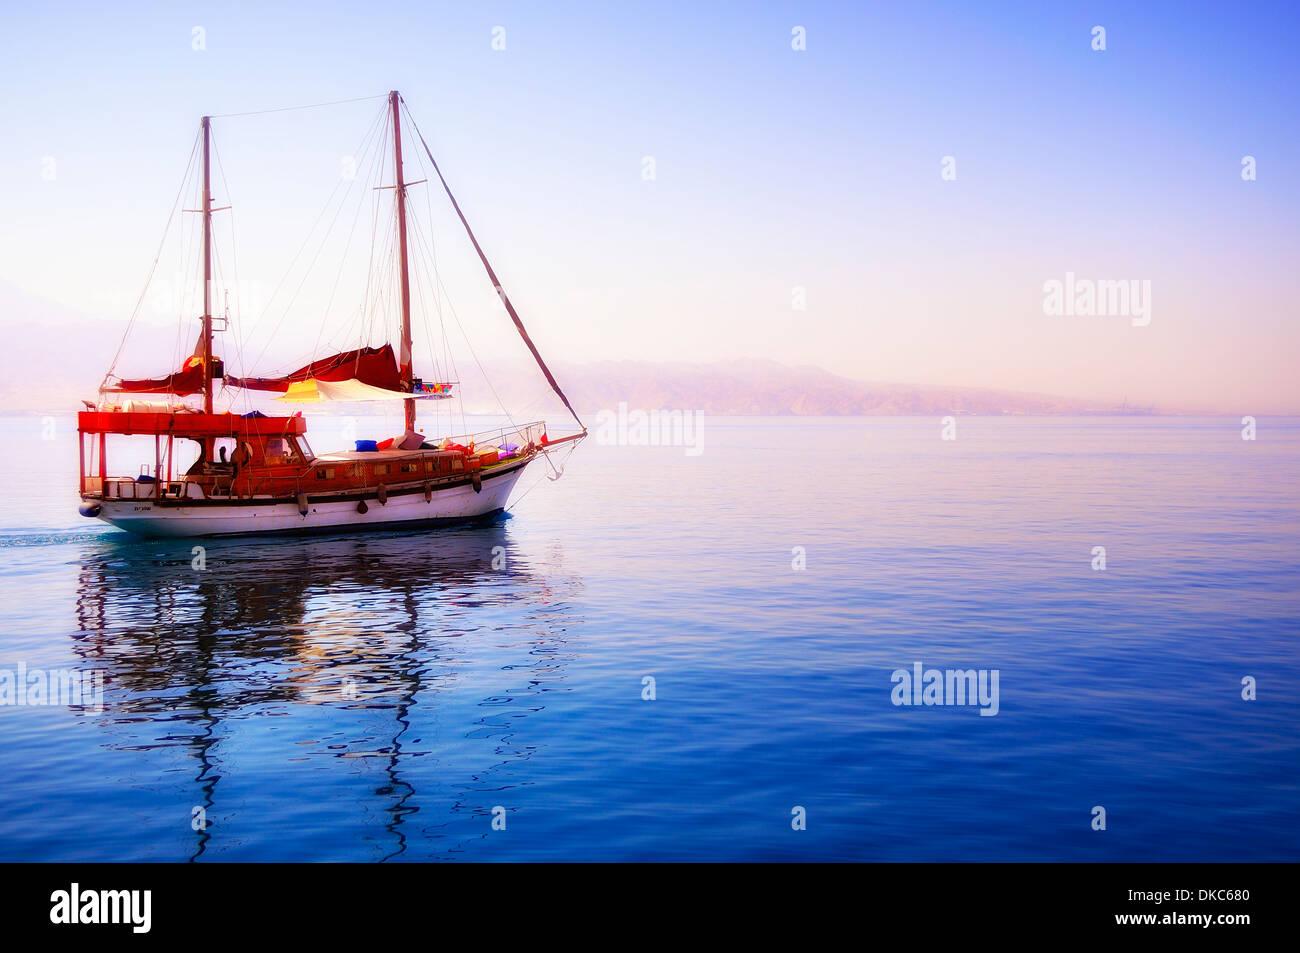 Foto yacht bello allontanarsi verso l'ignoto Foto Stock